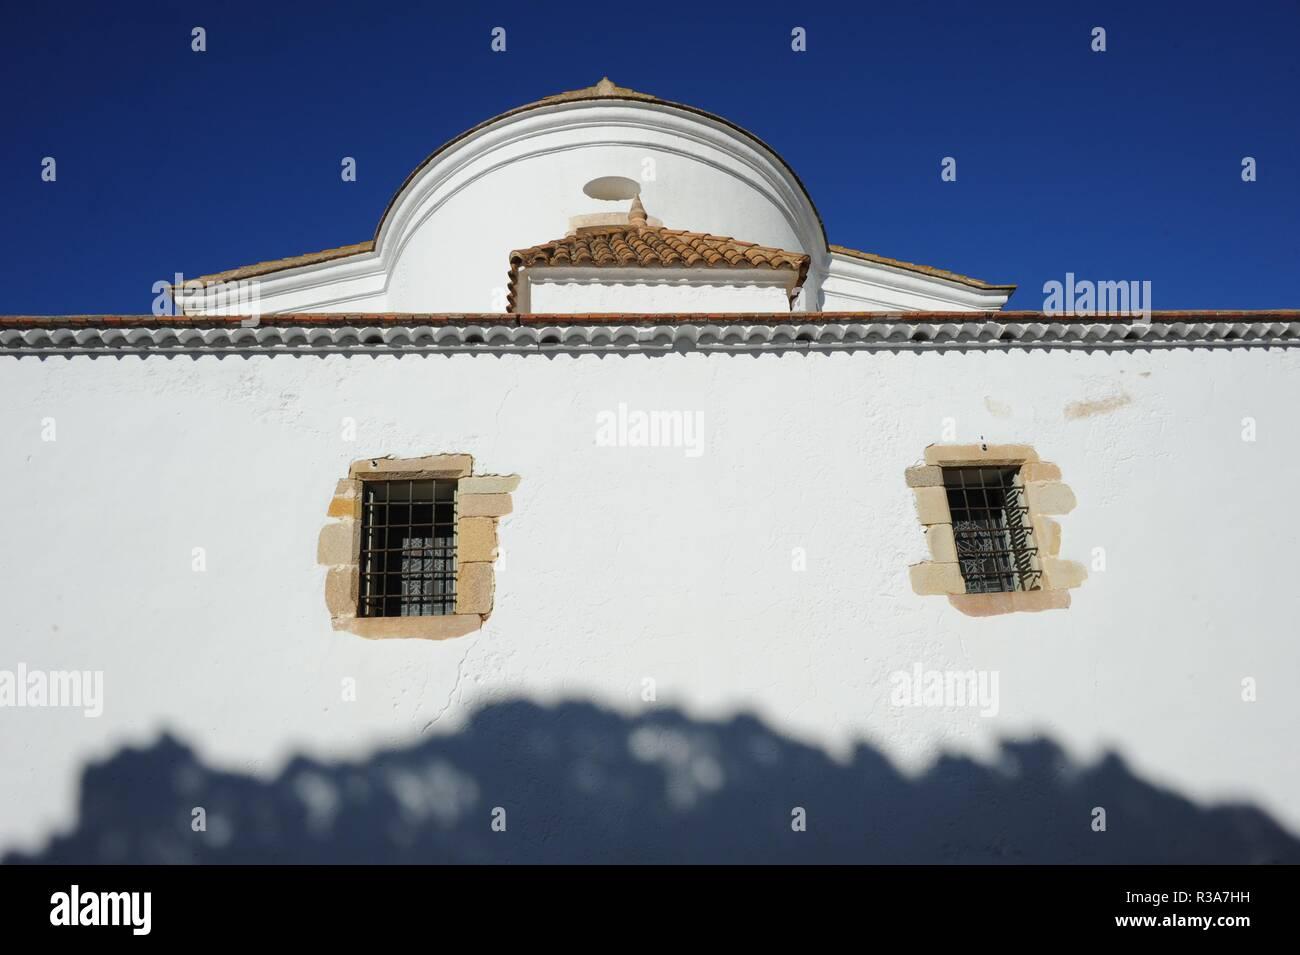 facades in lloret de mar - costa brava - spain - Stock Image